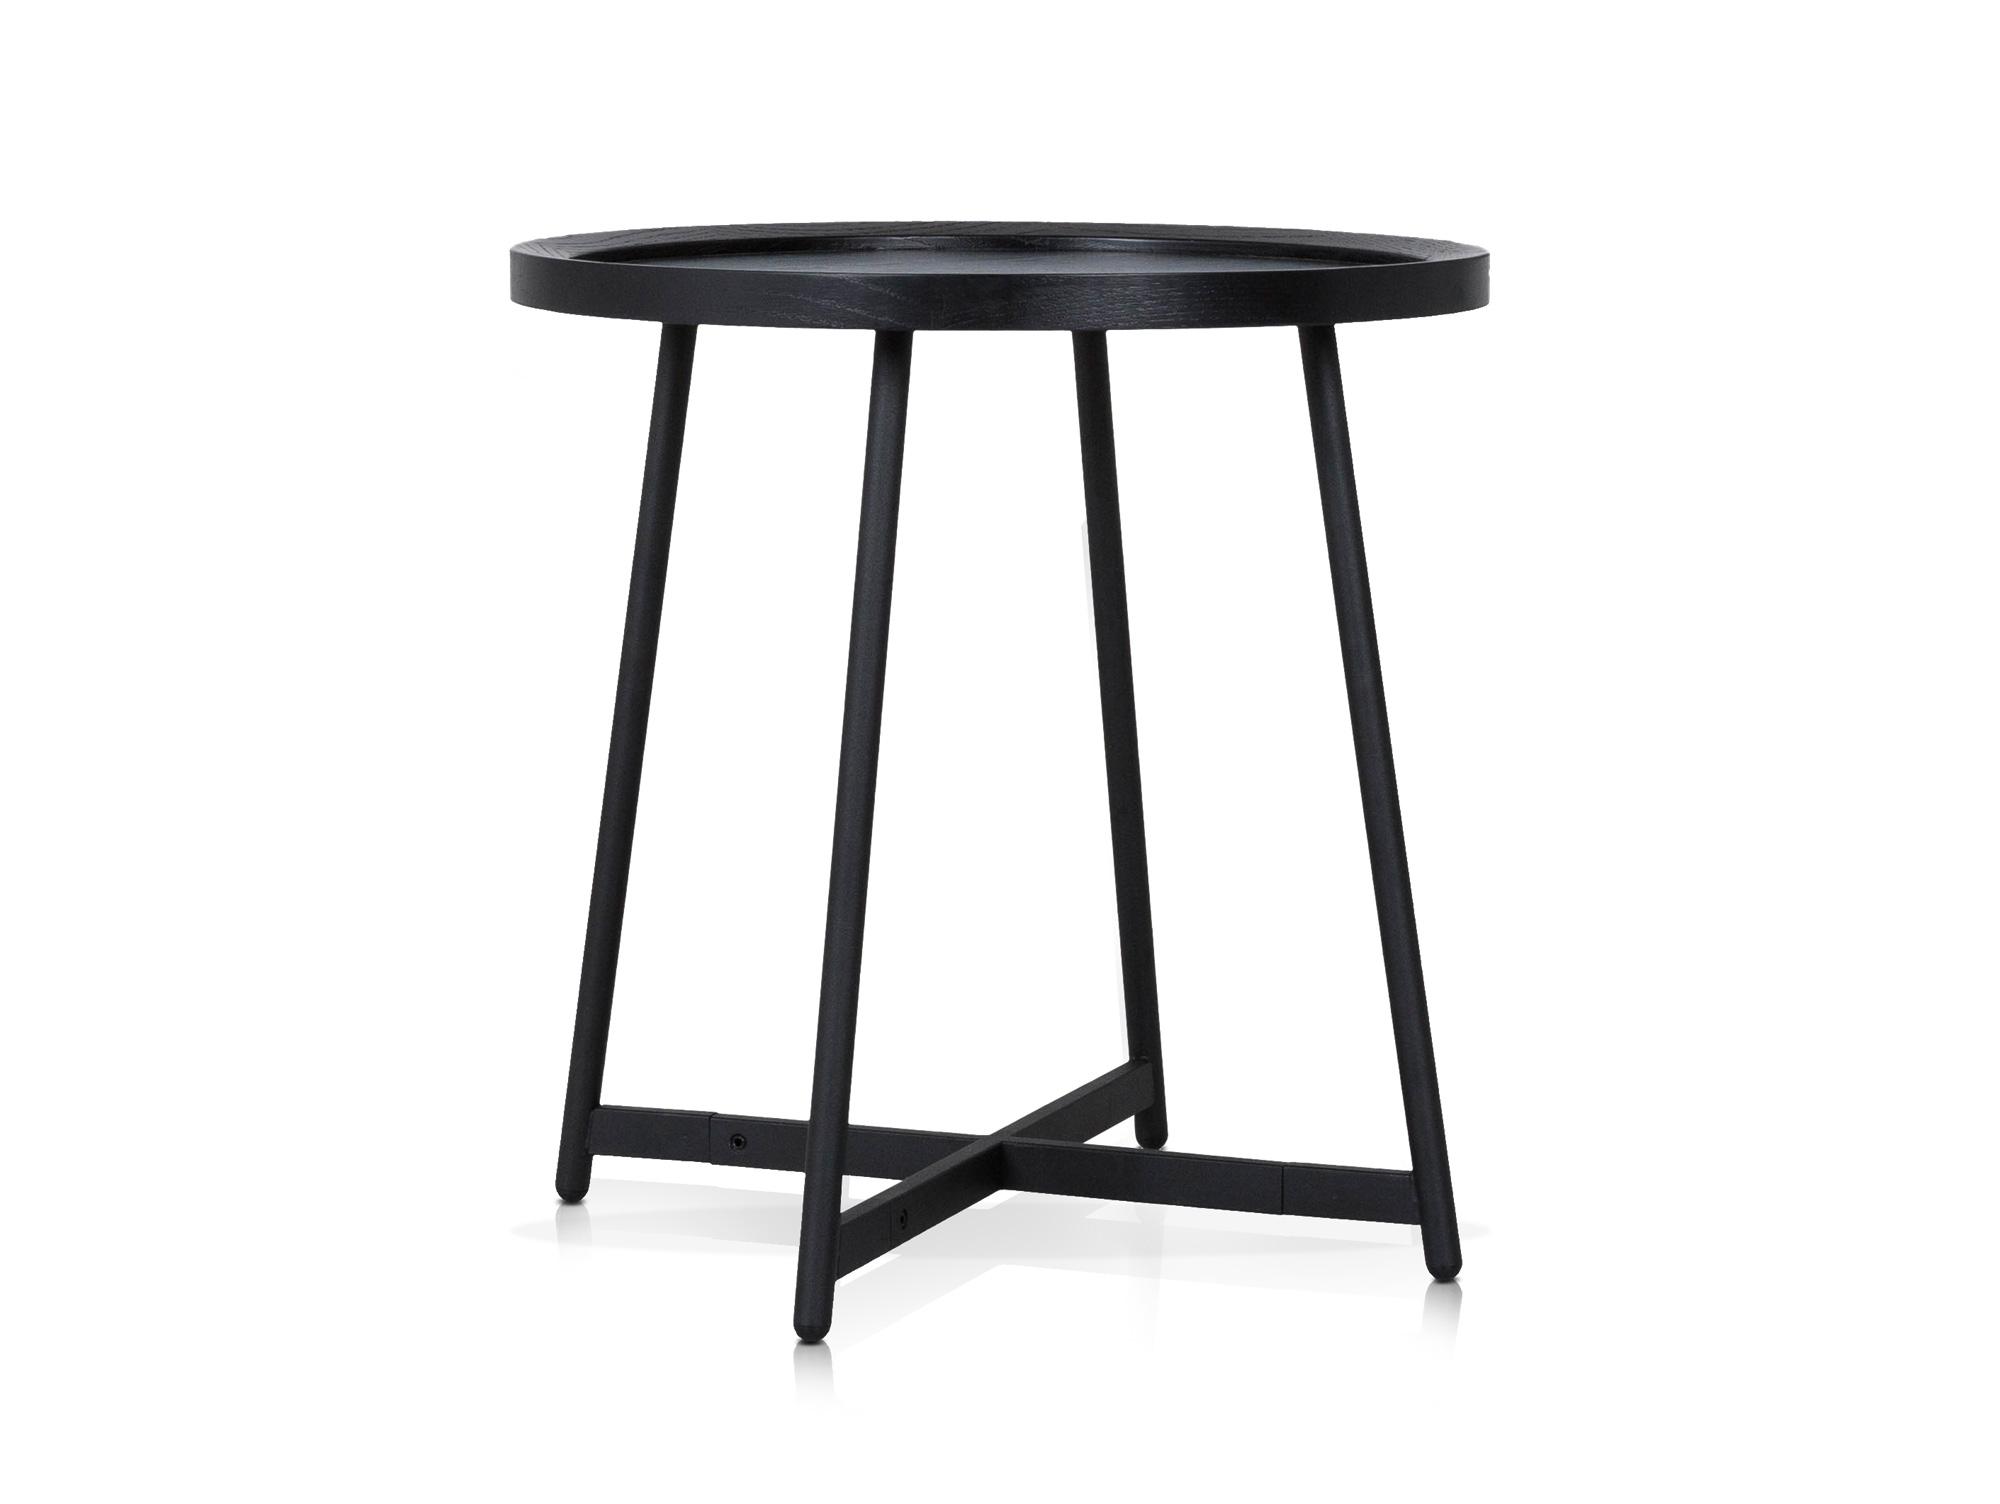 silas beistelltisch schwarz. Black Bedroom Furniture Sets. Home Design Ideas